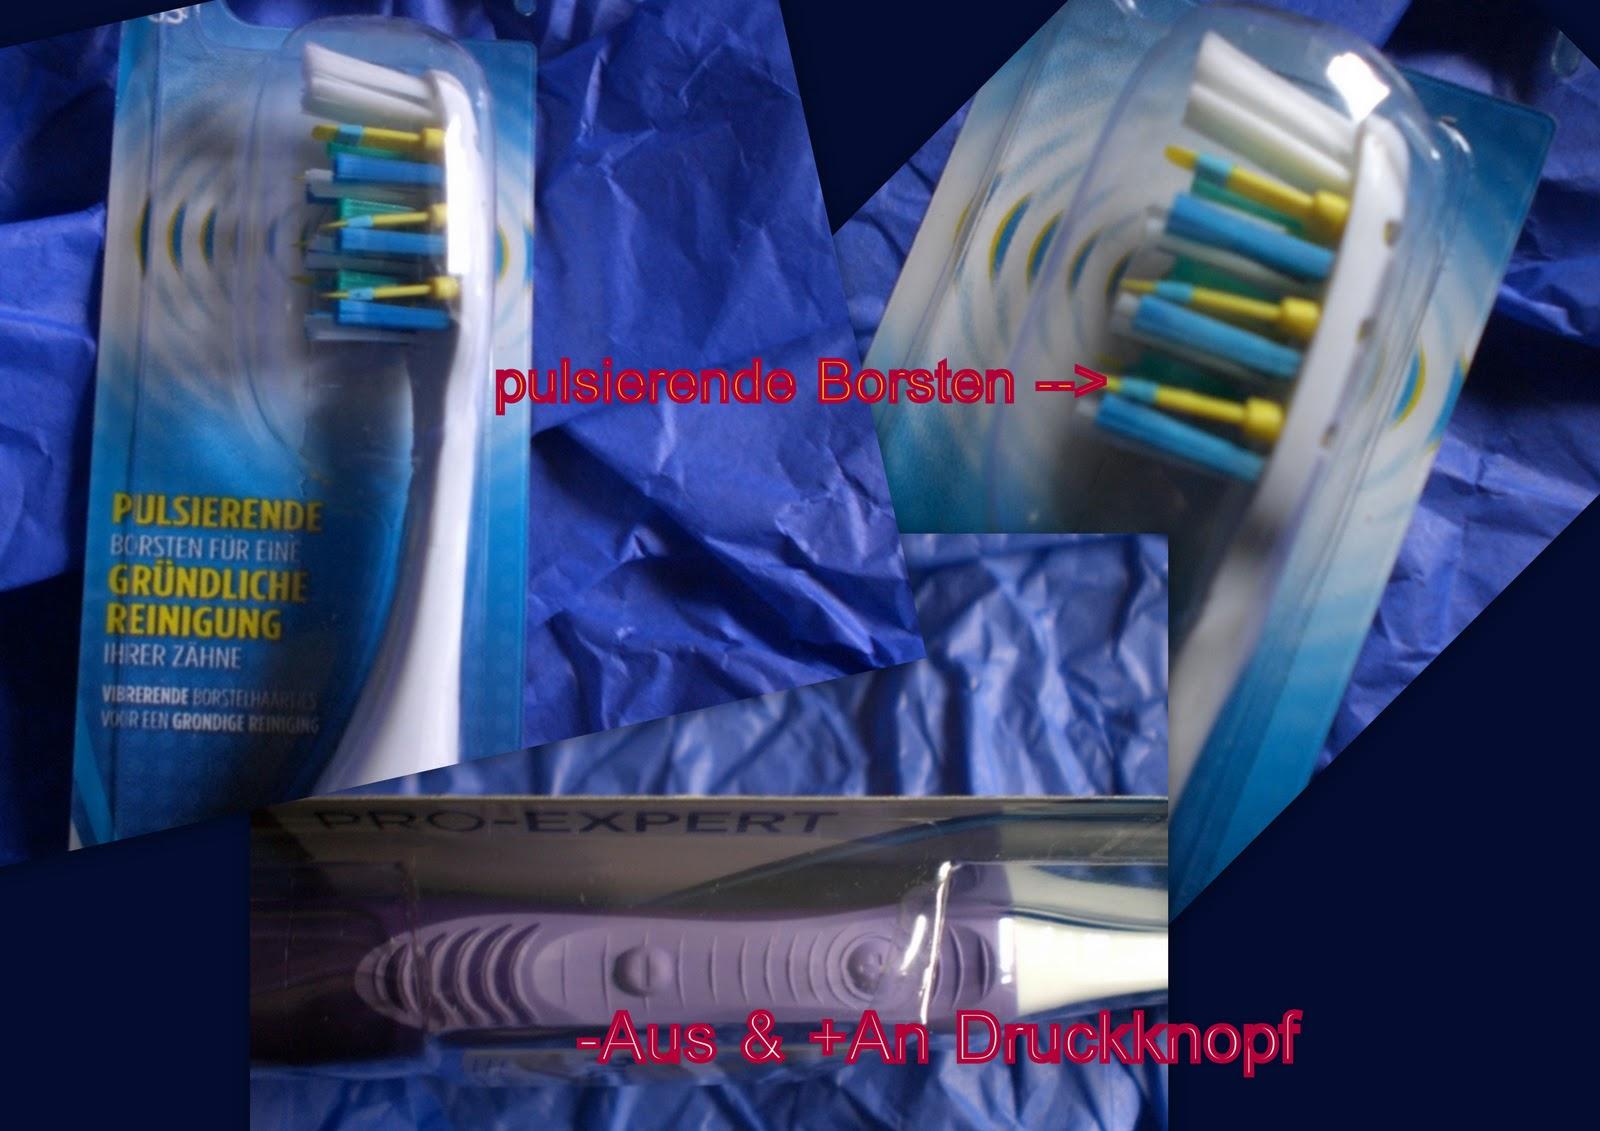 Mit der elektrischen Zahnbrste - Amateur Bilder